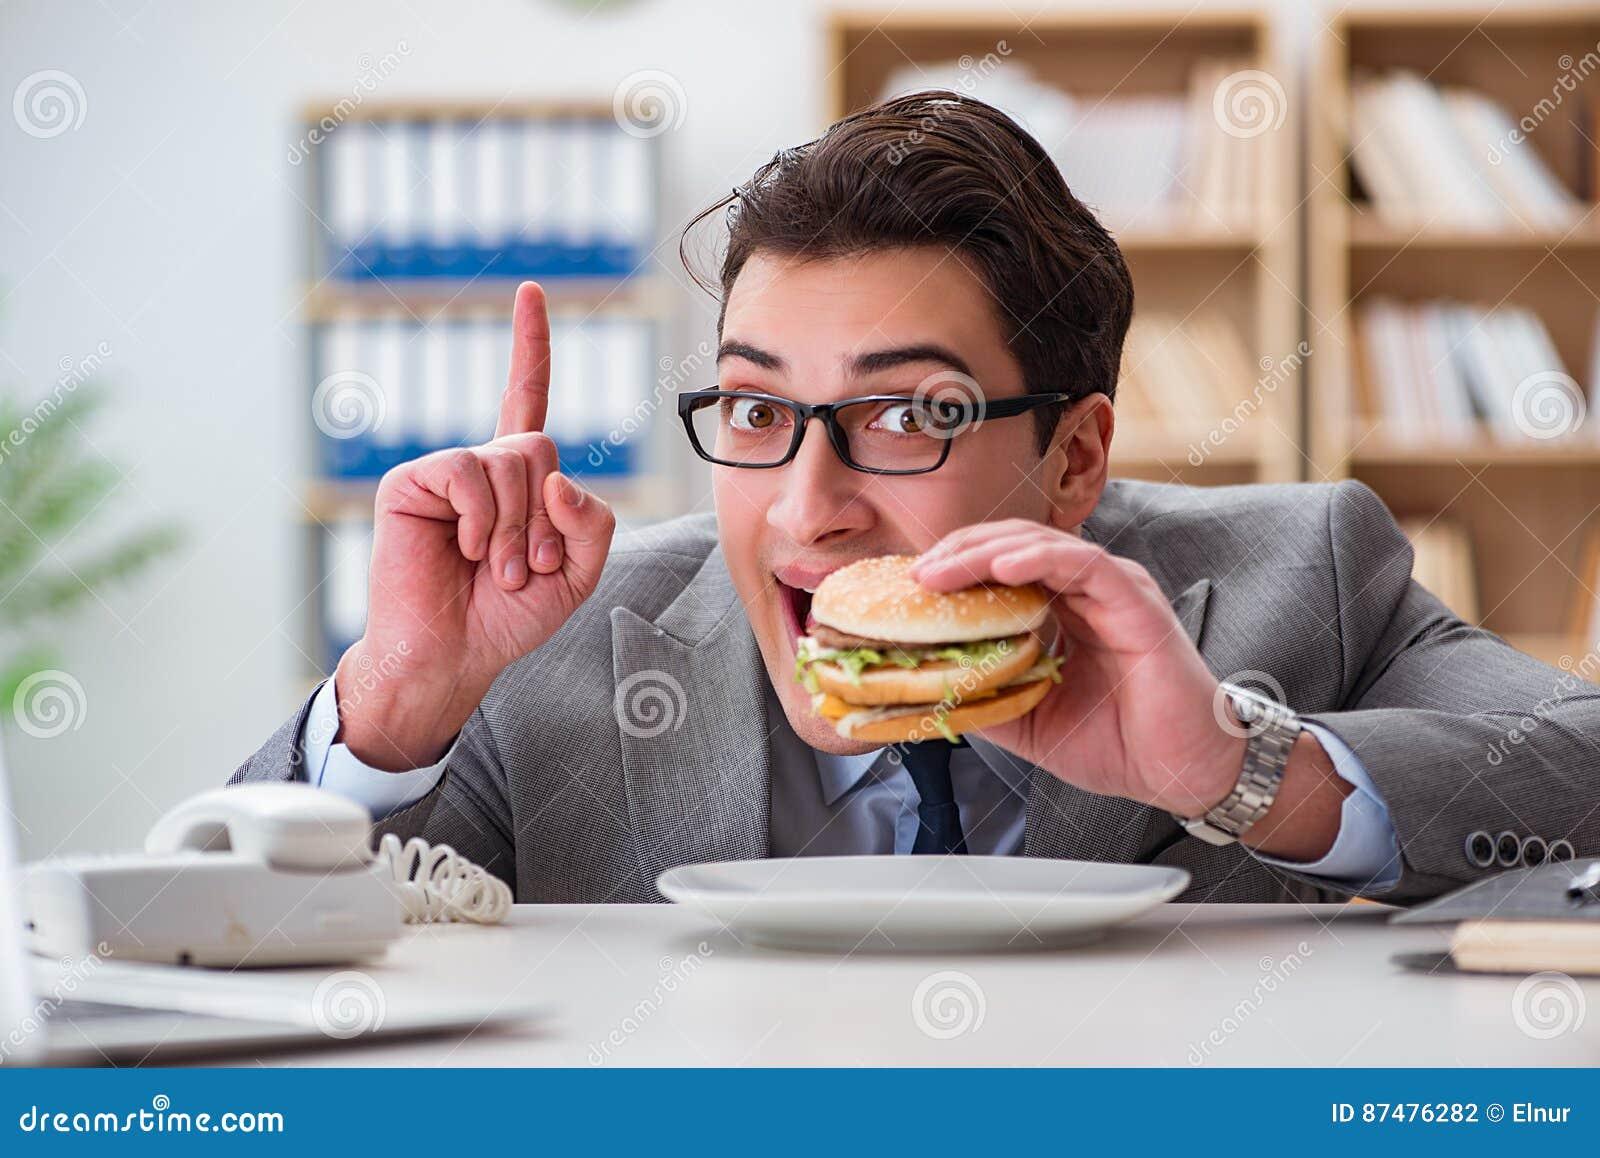 Голодный смешной бизнесмен есть сандвич высококалорийной вредной пищи